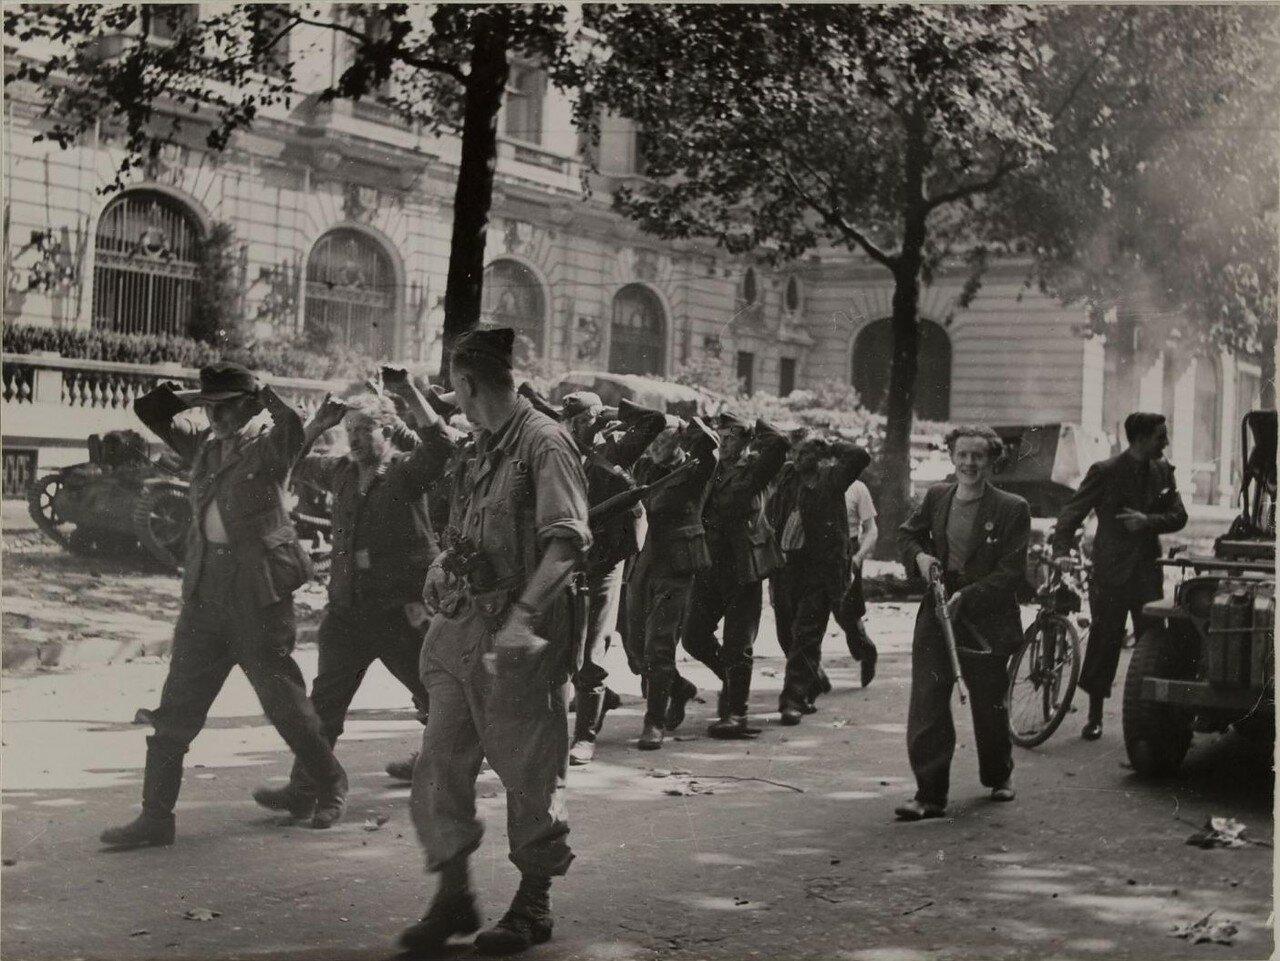 25 августа. Немецкие военнопленные возле отеля Маджестик